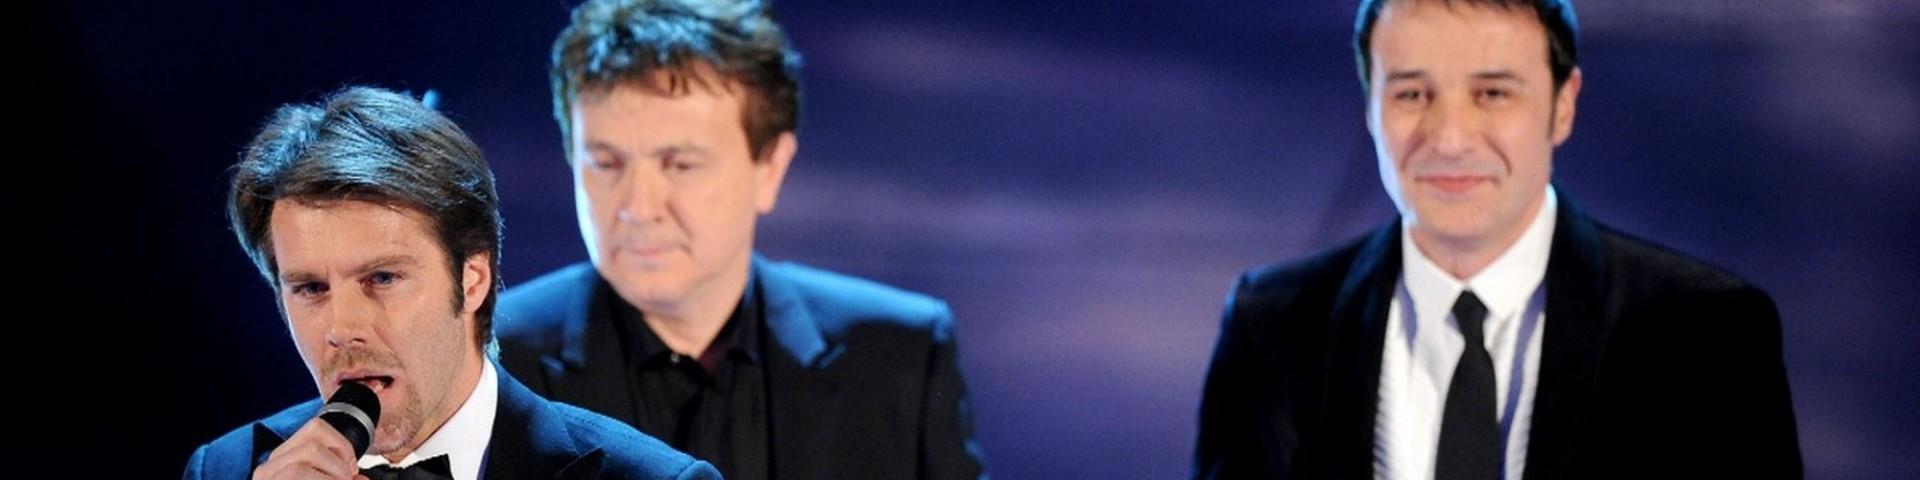 Sanremo 2010, Codacons indagava su televoto truccato - Video lancio degli spartiti in diretta